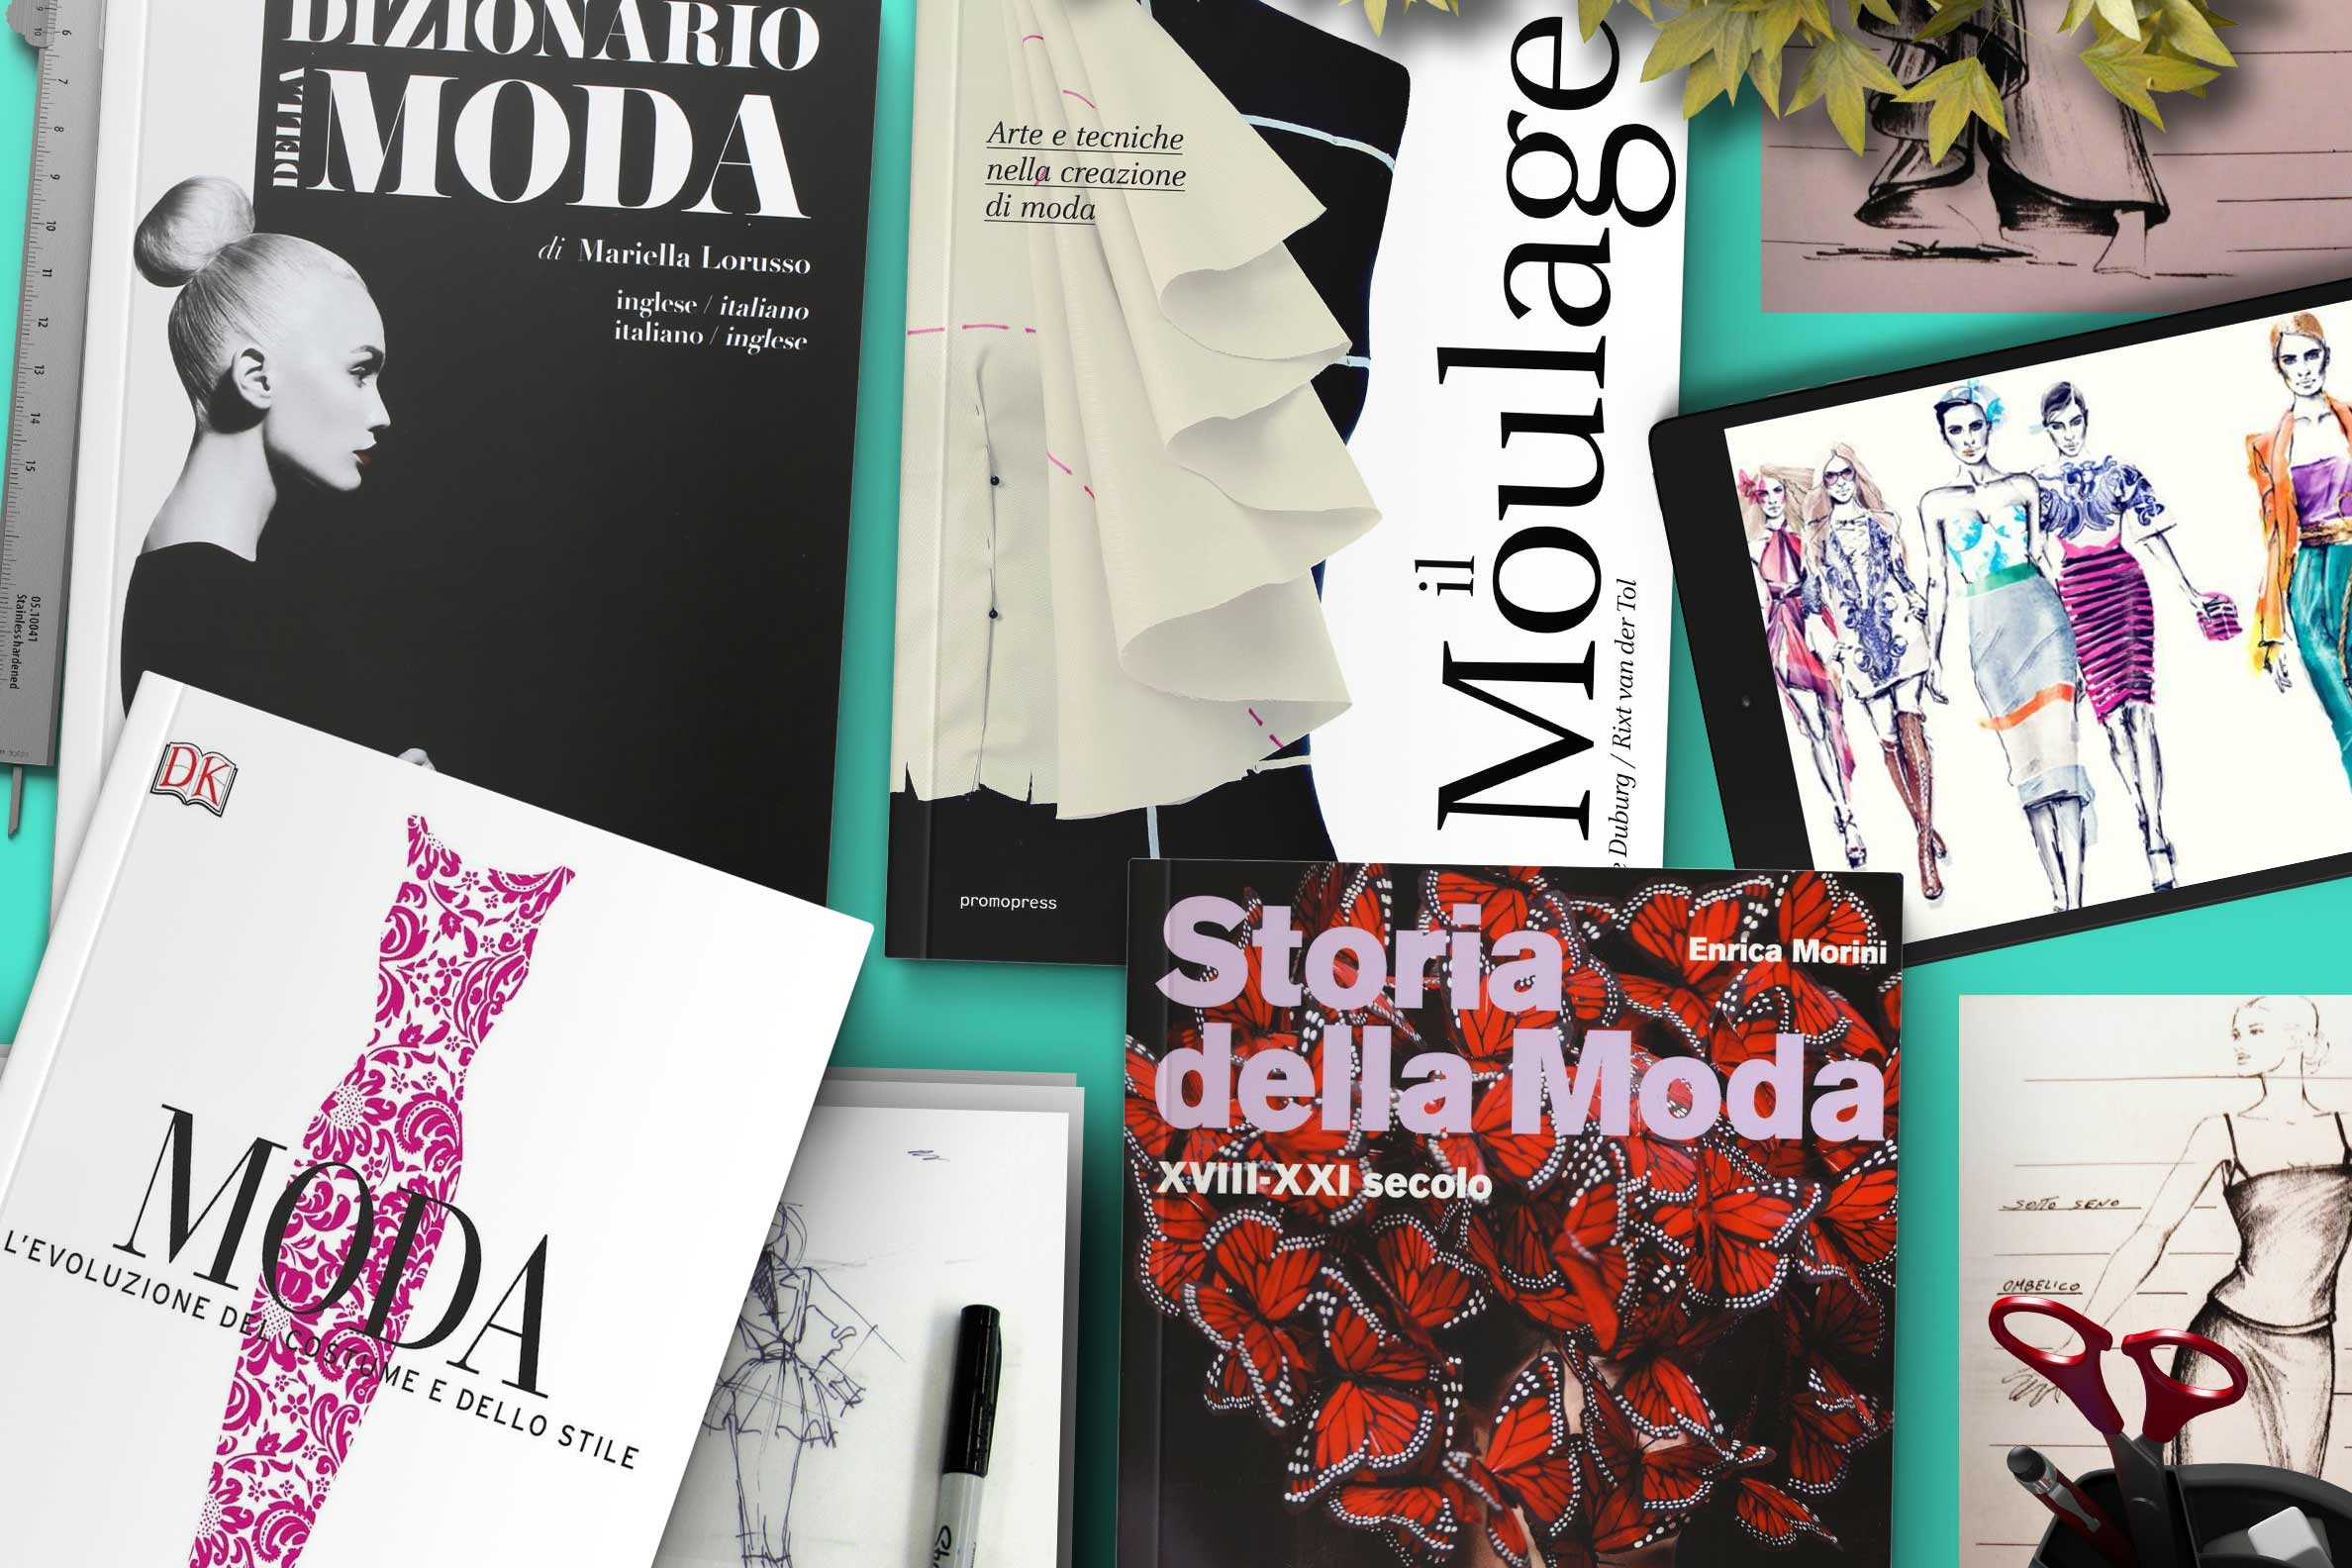 Migliori Libri Sulla Moda | I 4 Libri Per Stilisti Da Leggere Assolutamente